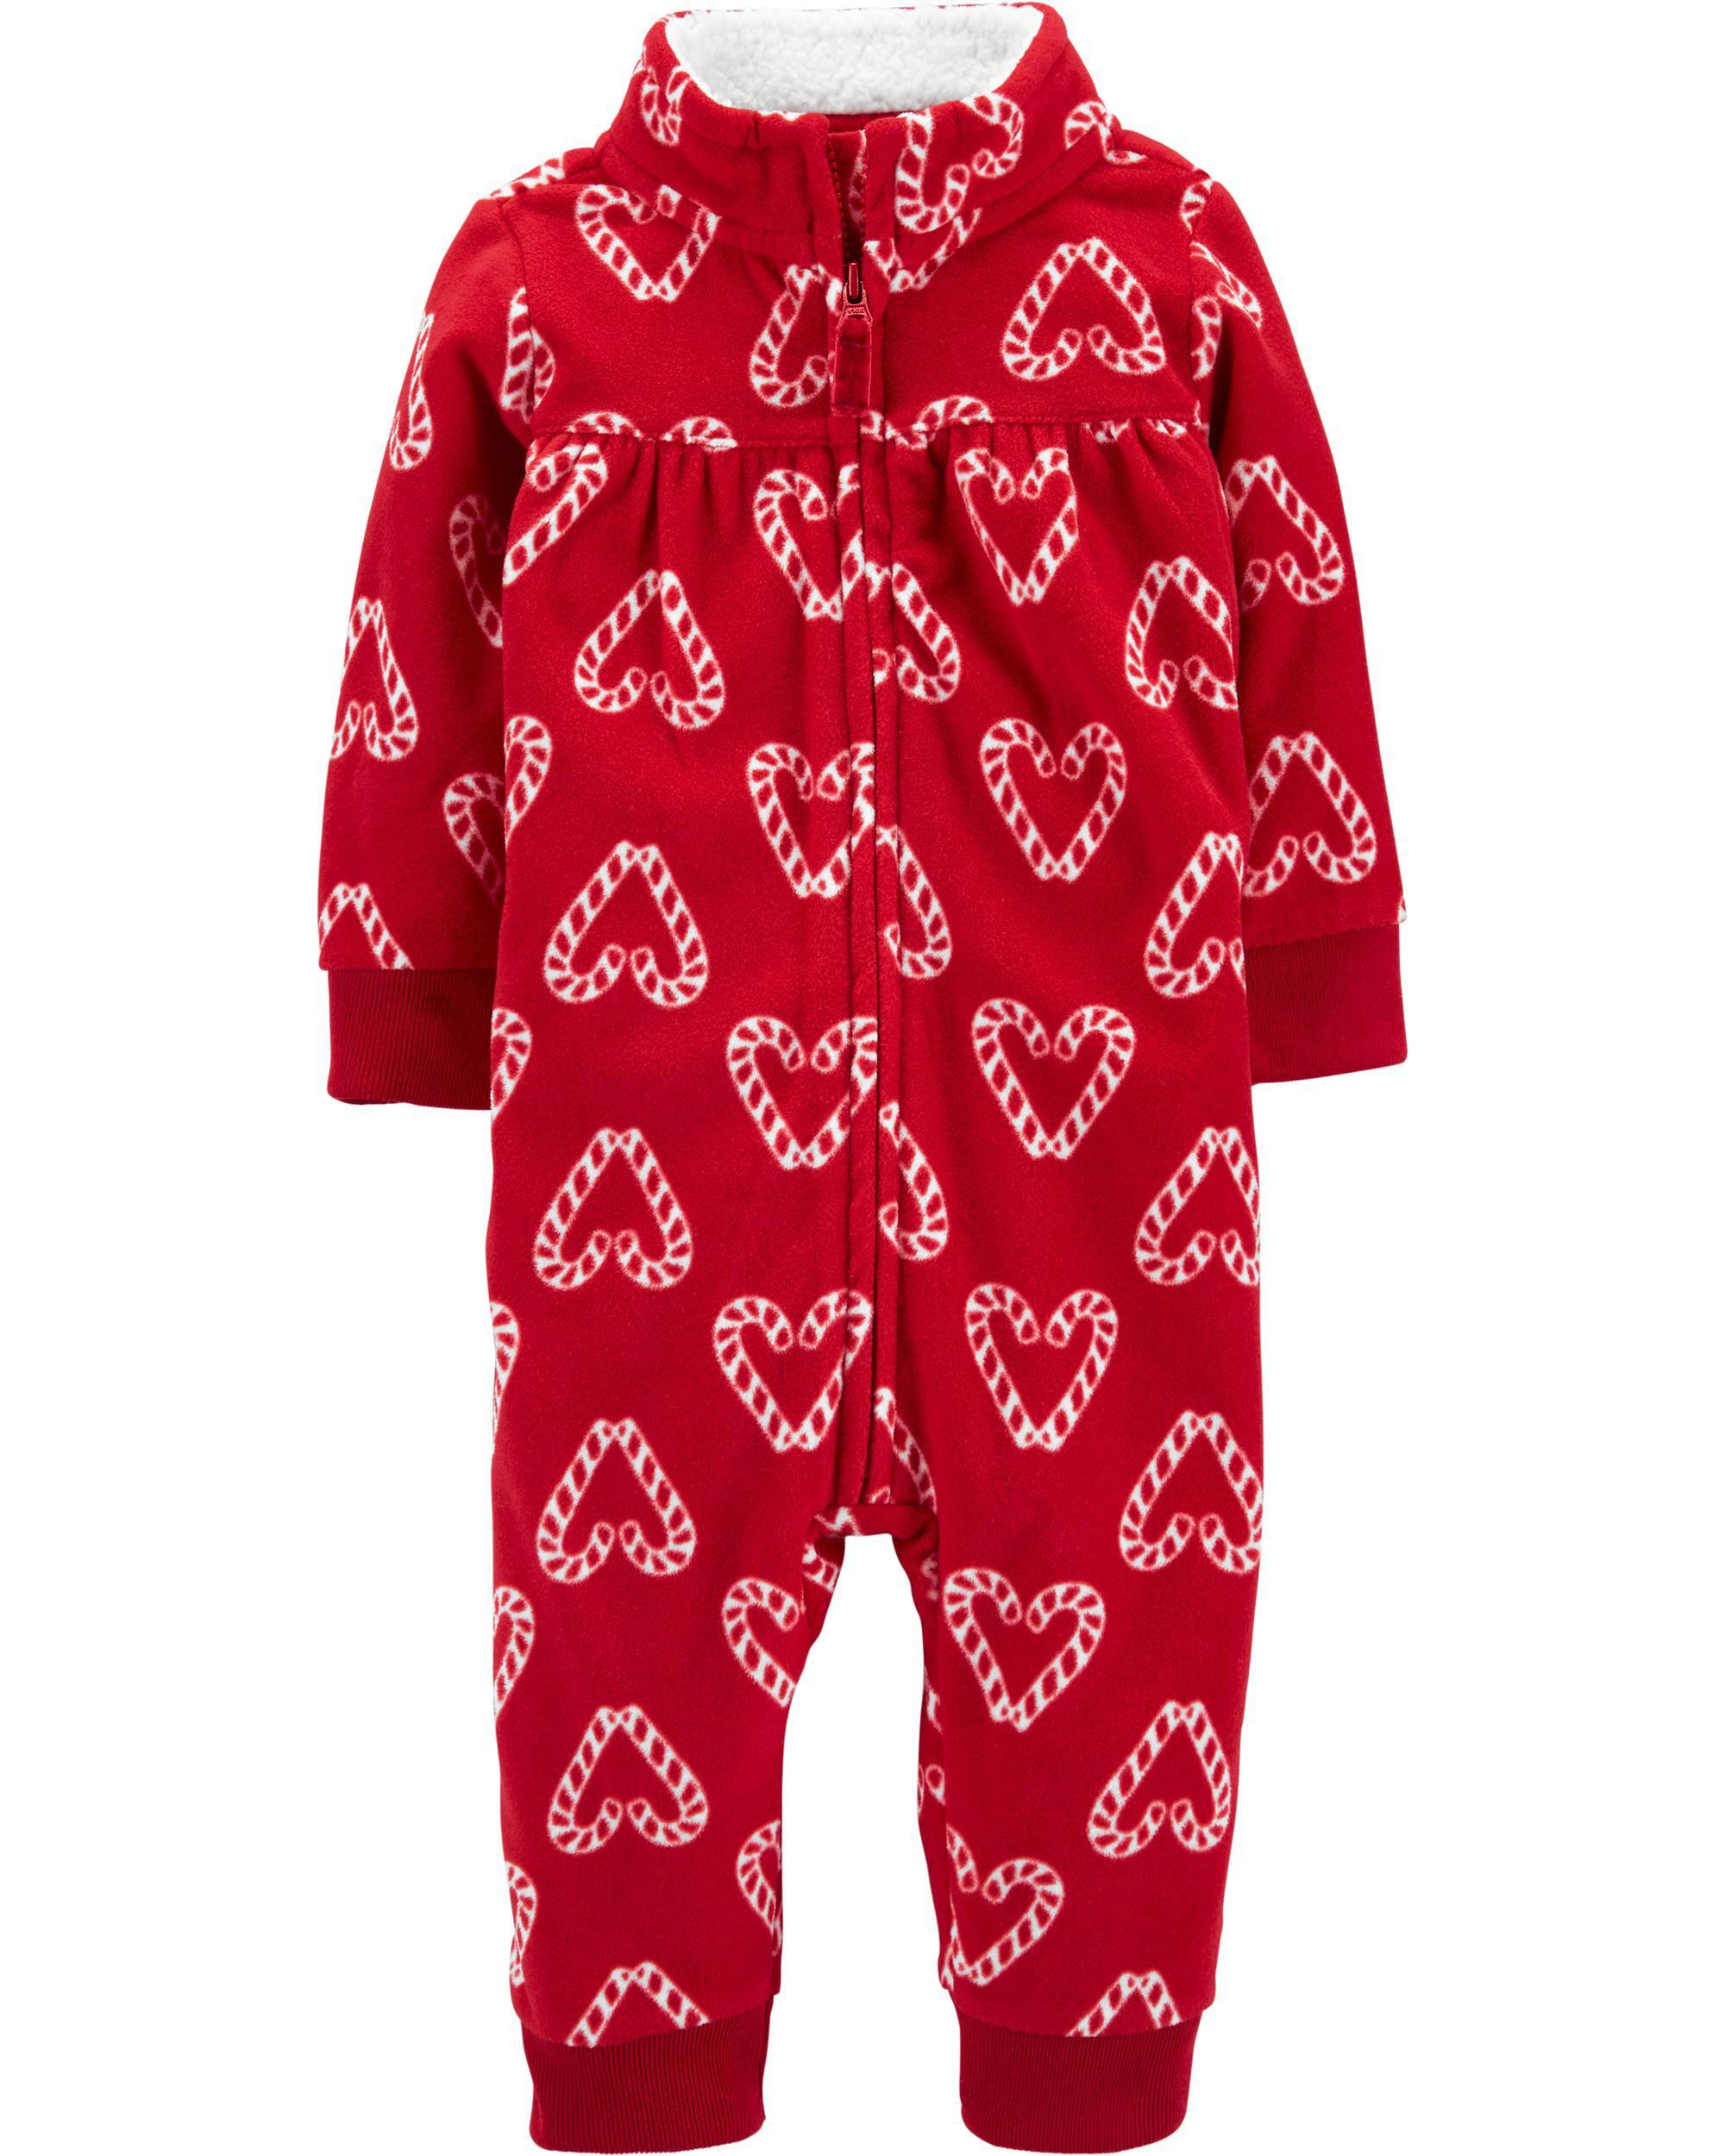 *DOORBUSTER* Candy Cane Heart Fleece Jumpsuit